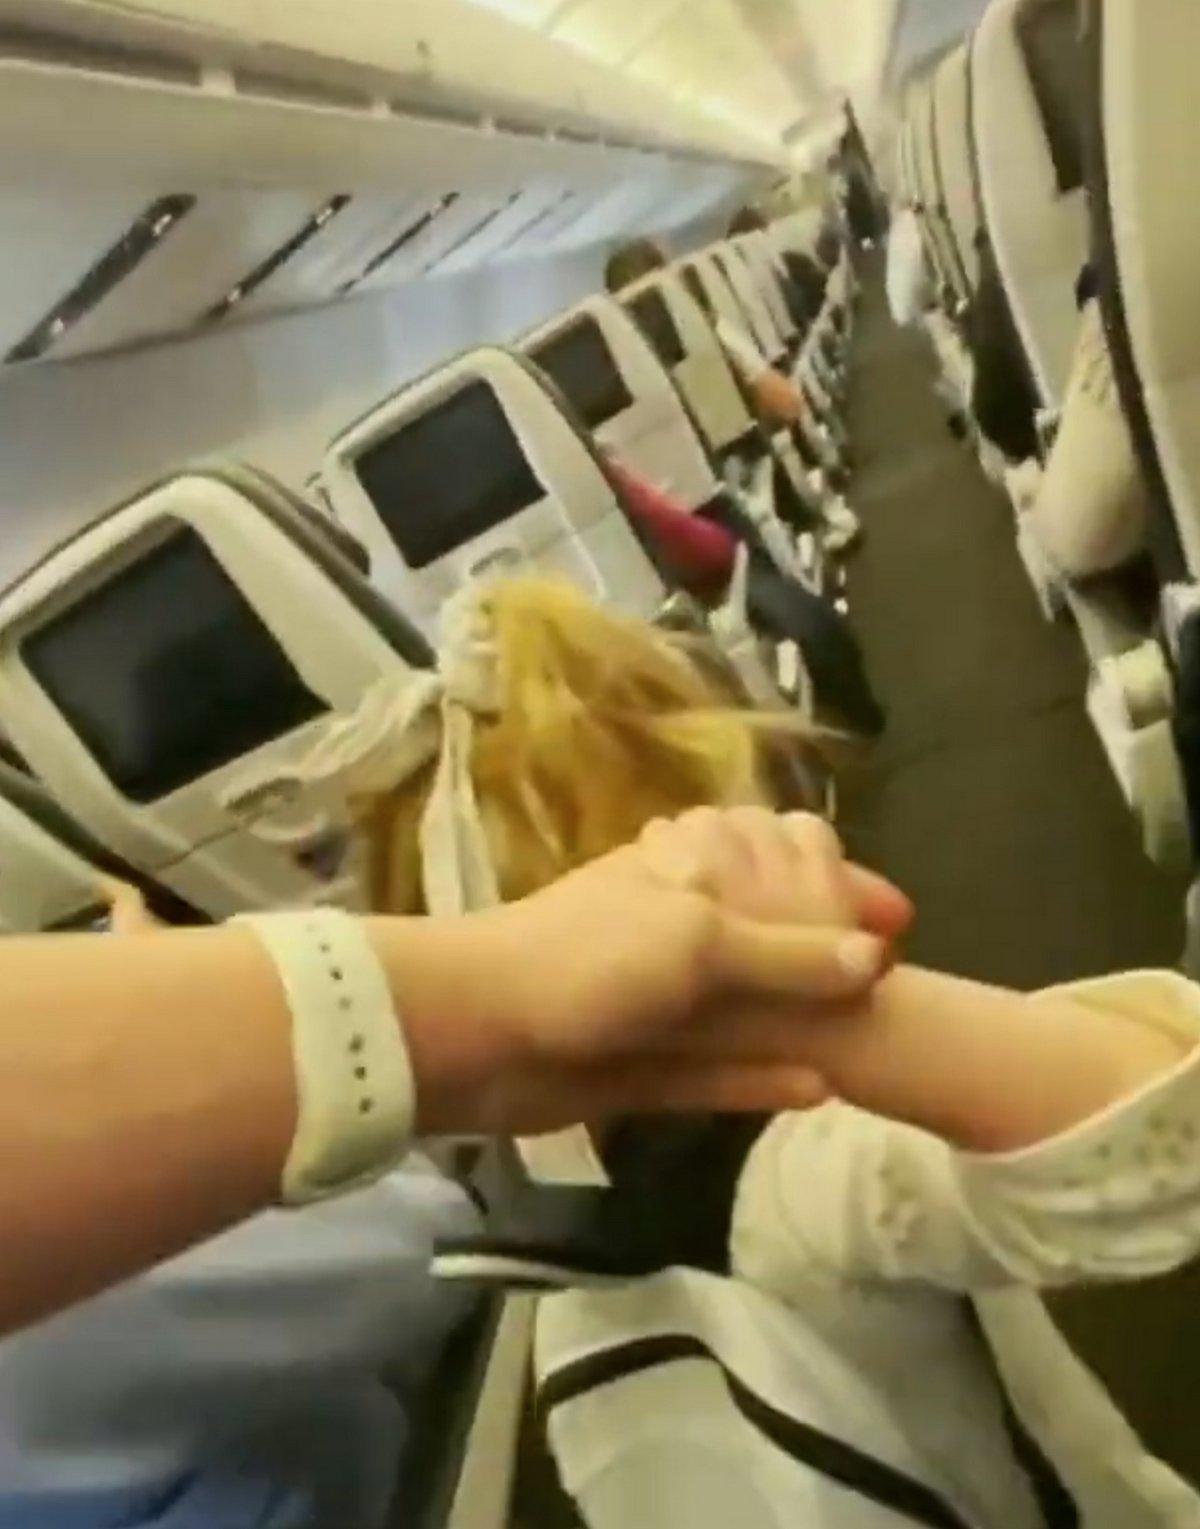 Une famille a été expulsée d'un vol après que son enfant de deux ans a refusé de porter un masque